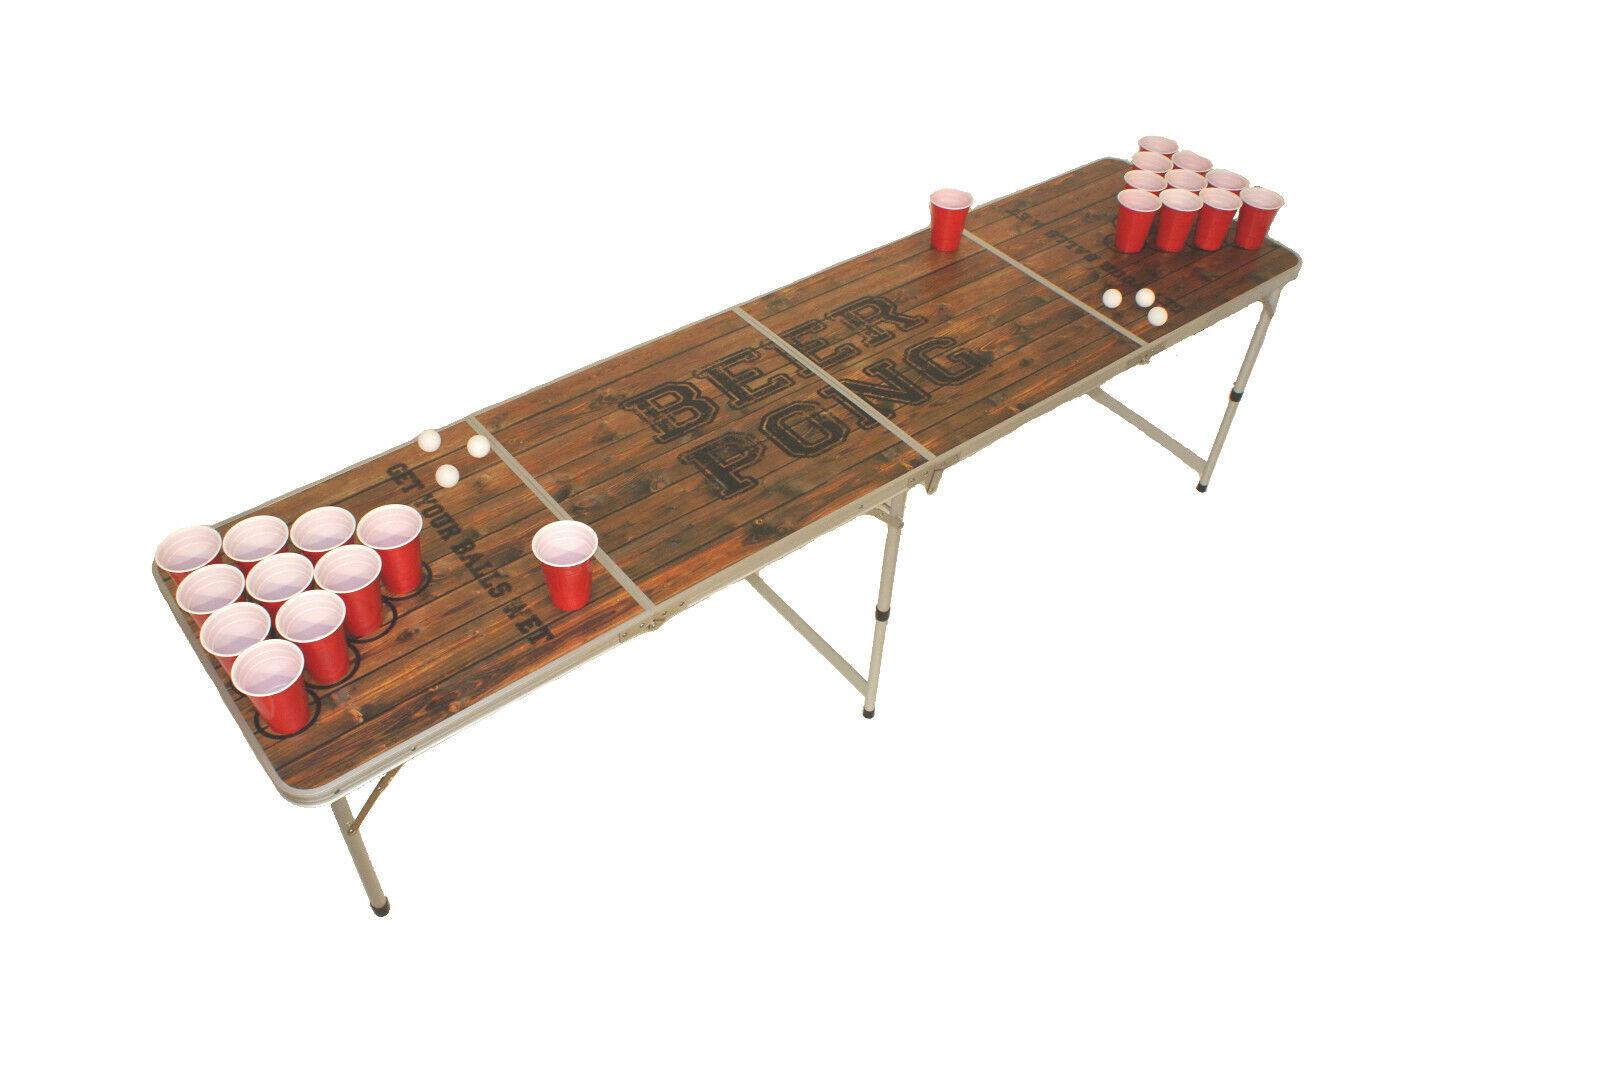 BEER pong, addio al  celibato, gioco potabile normativo con 6 ptuttiine e 22 cups 1  ordina adesso